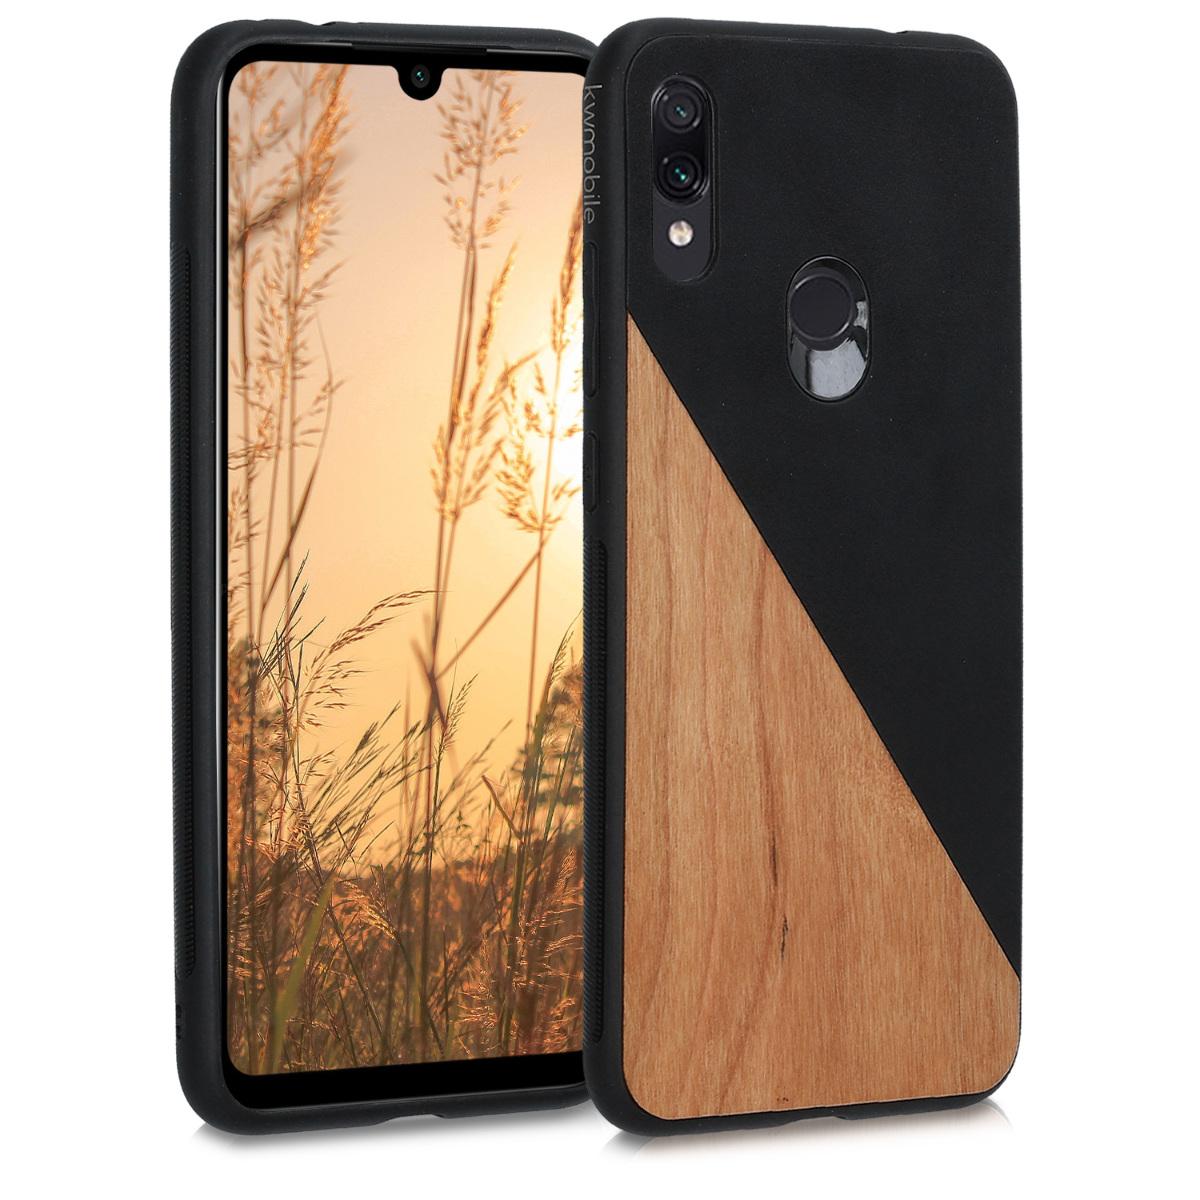 Dřevěné pouzdro | obal pro Xiaomi Redmi Note 7 | Note 7 Pro - Two-Tone dřevěný černý / hnědý